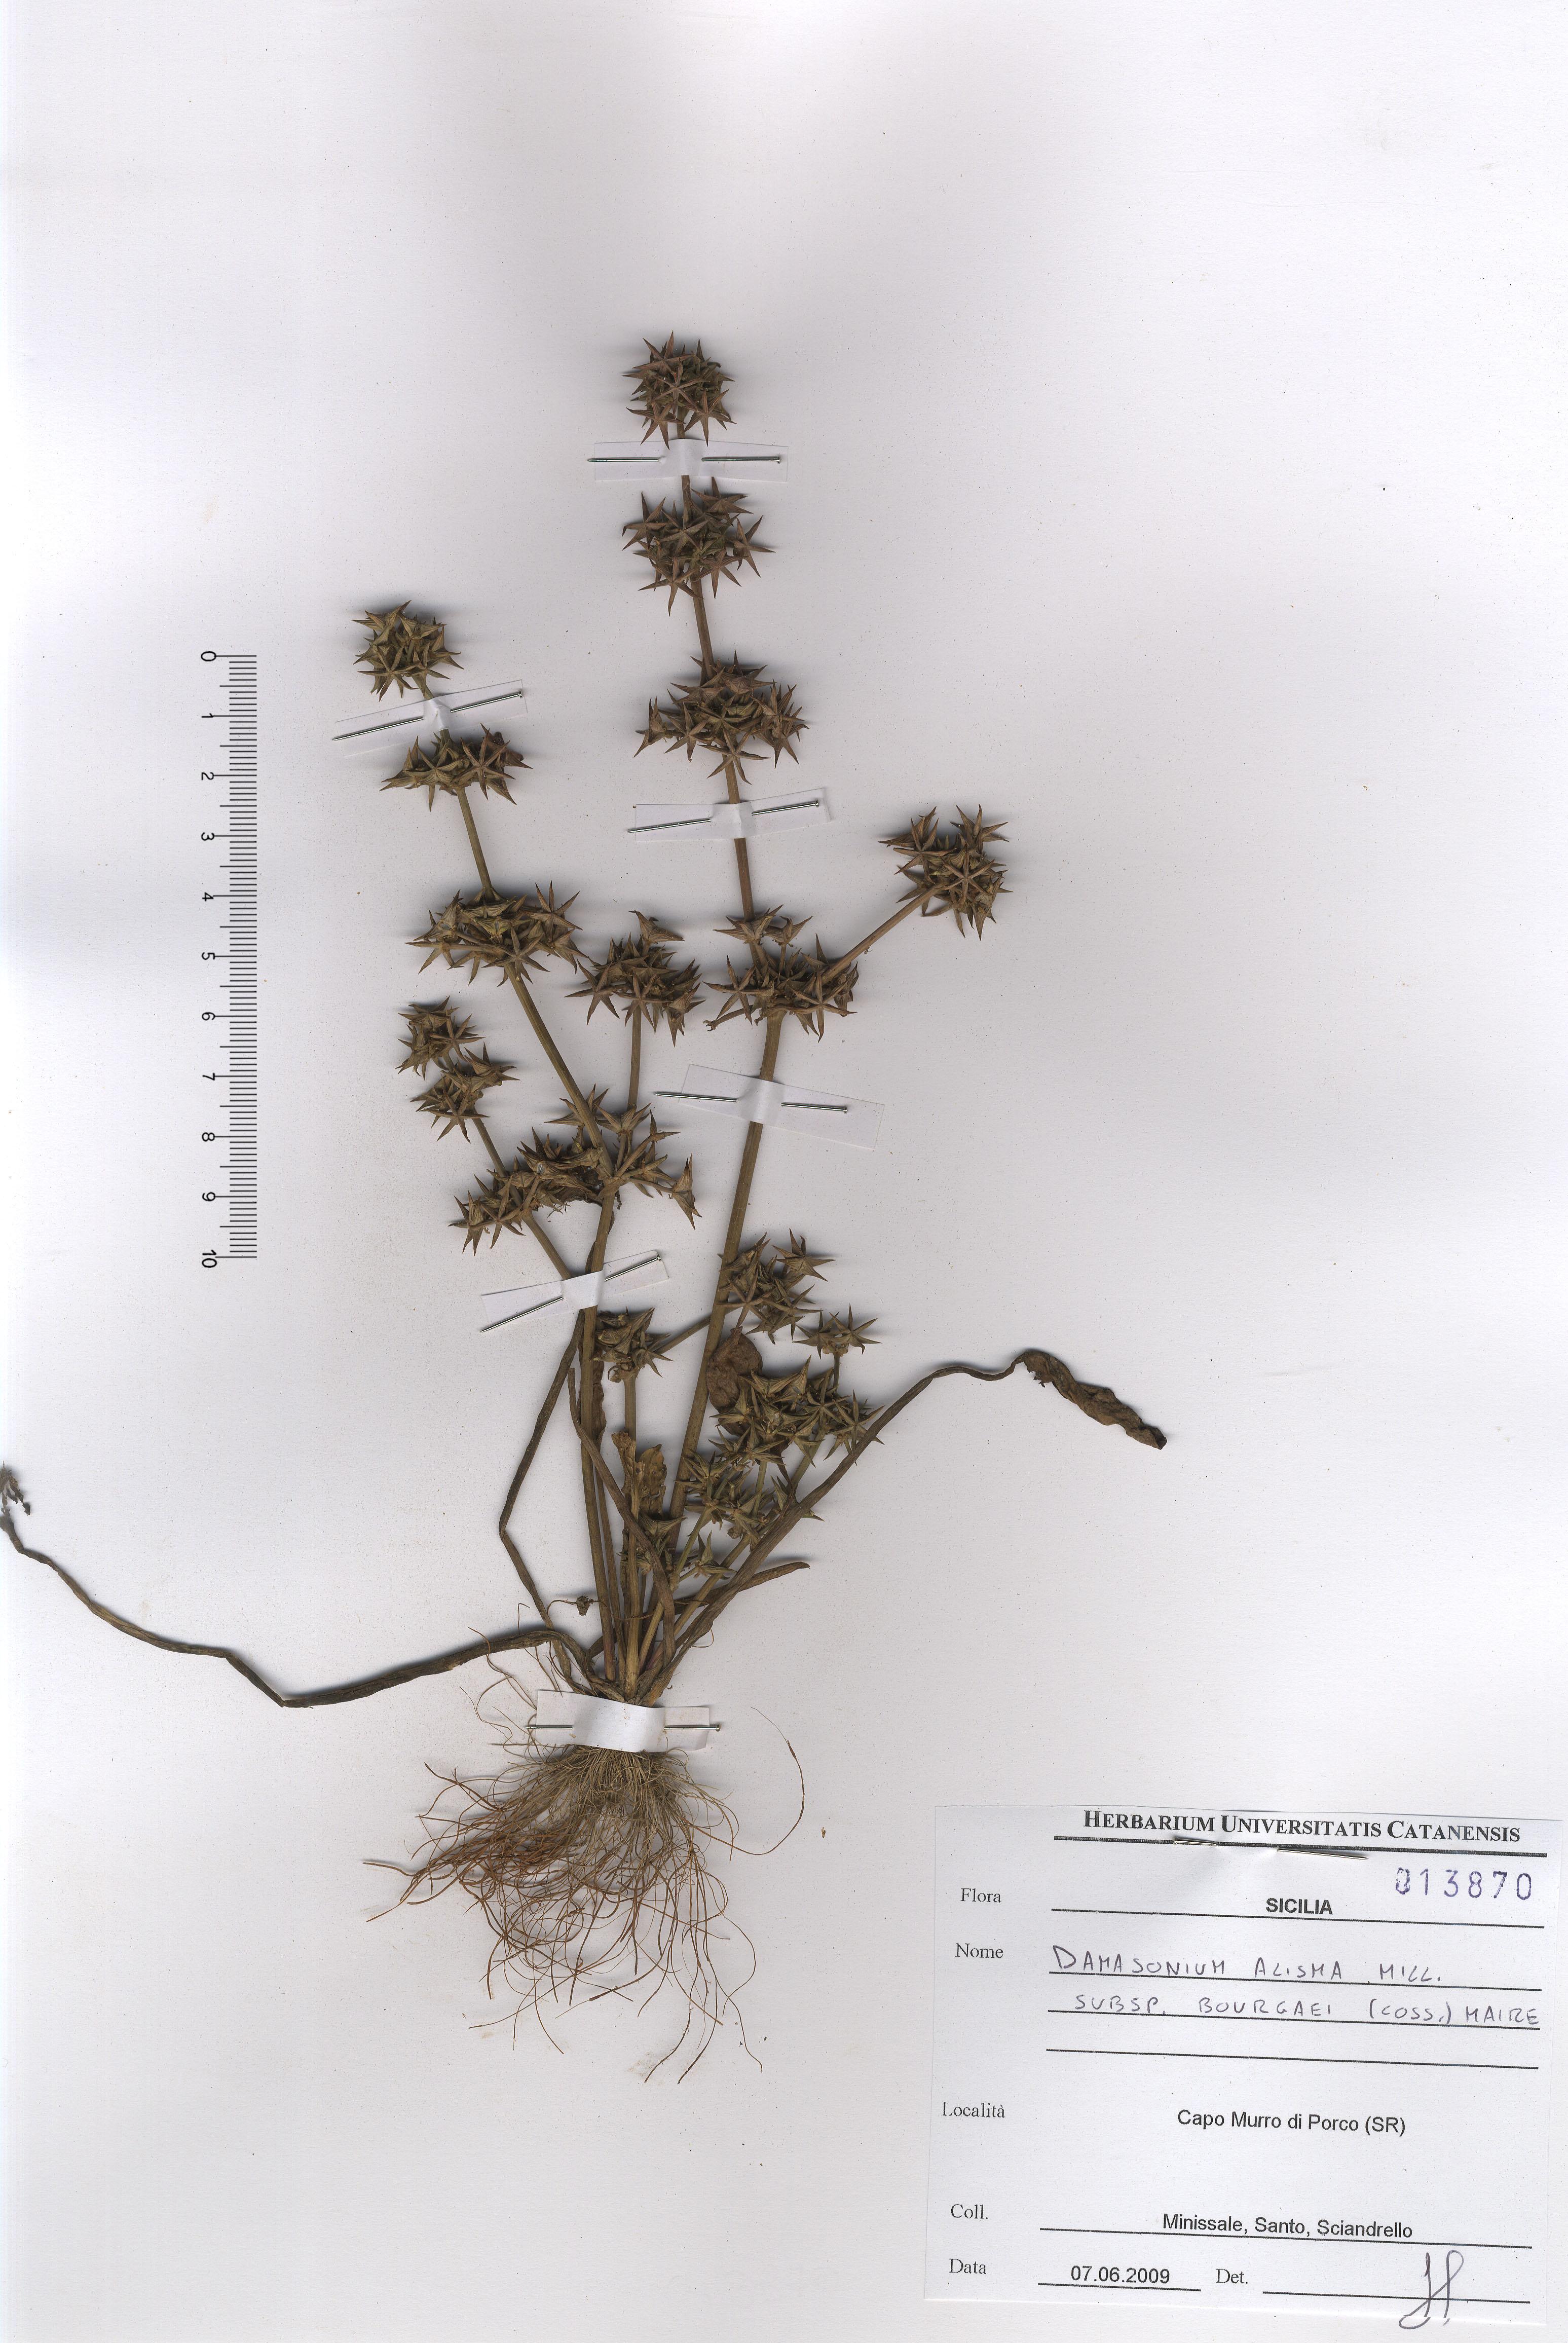 © Hortus Botanicus Catinensis - Herb. sheet 013870<br>